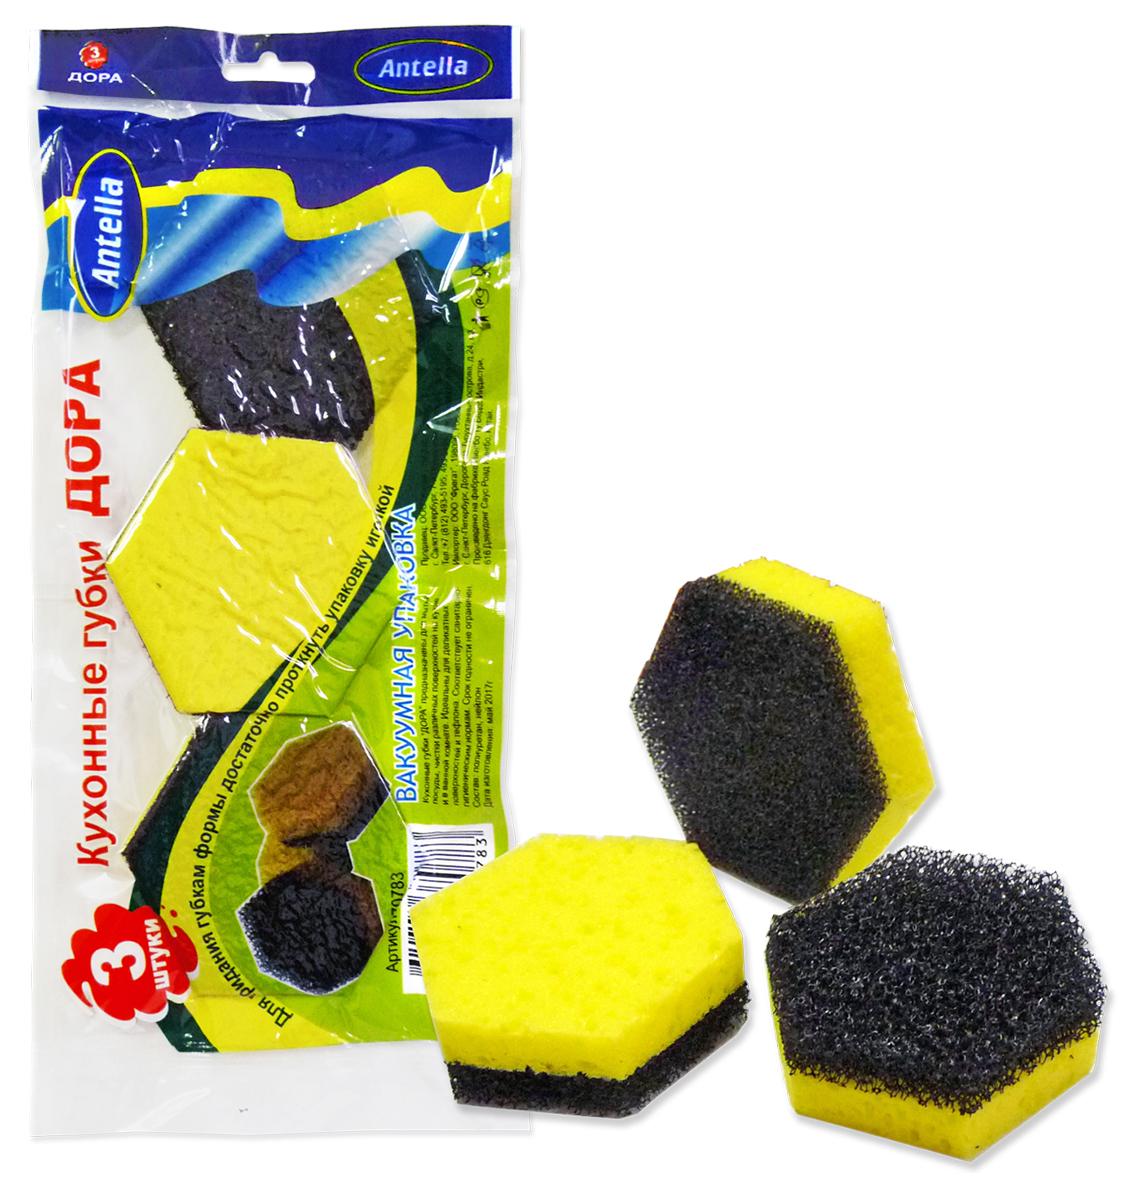 Губка для уборки Antella Дора, 3 шт70783Кухонные губки Antella предназначены для мытья посуды, чистки различных поверхностей на кухне и в ванной комнате.Идеальны для деликатных поверхностей и тефлона.Для придания губкам формы достаточно проткнуть упаковку иголкой.